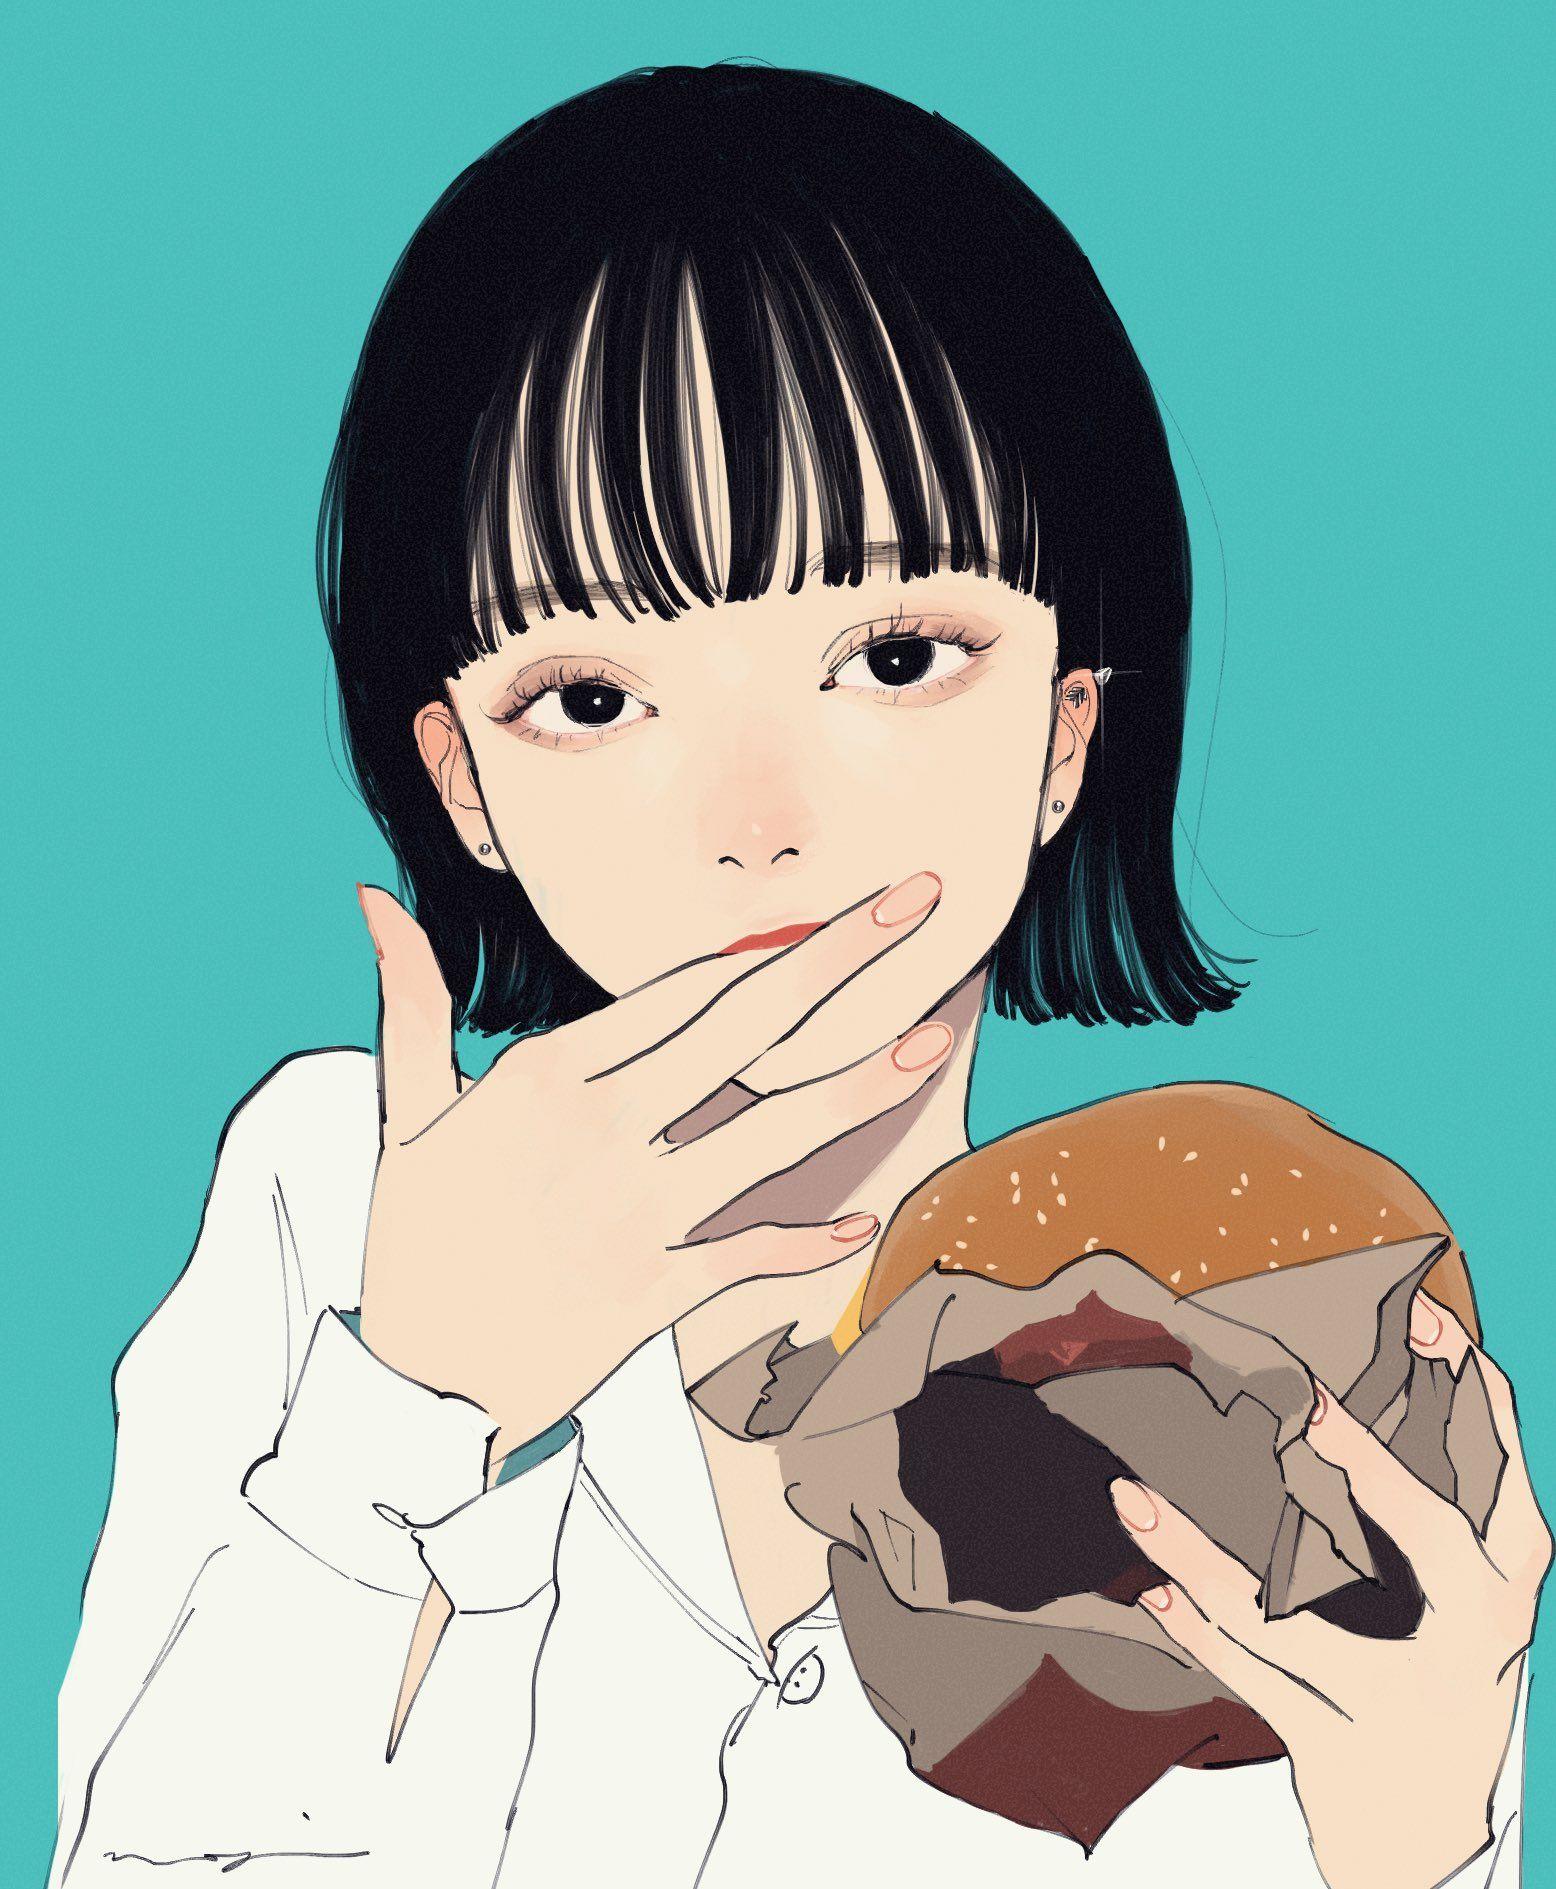 凪 on Twitter